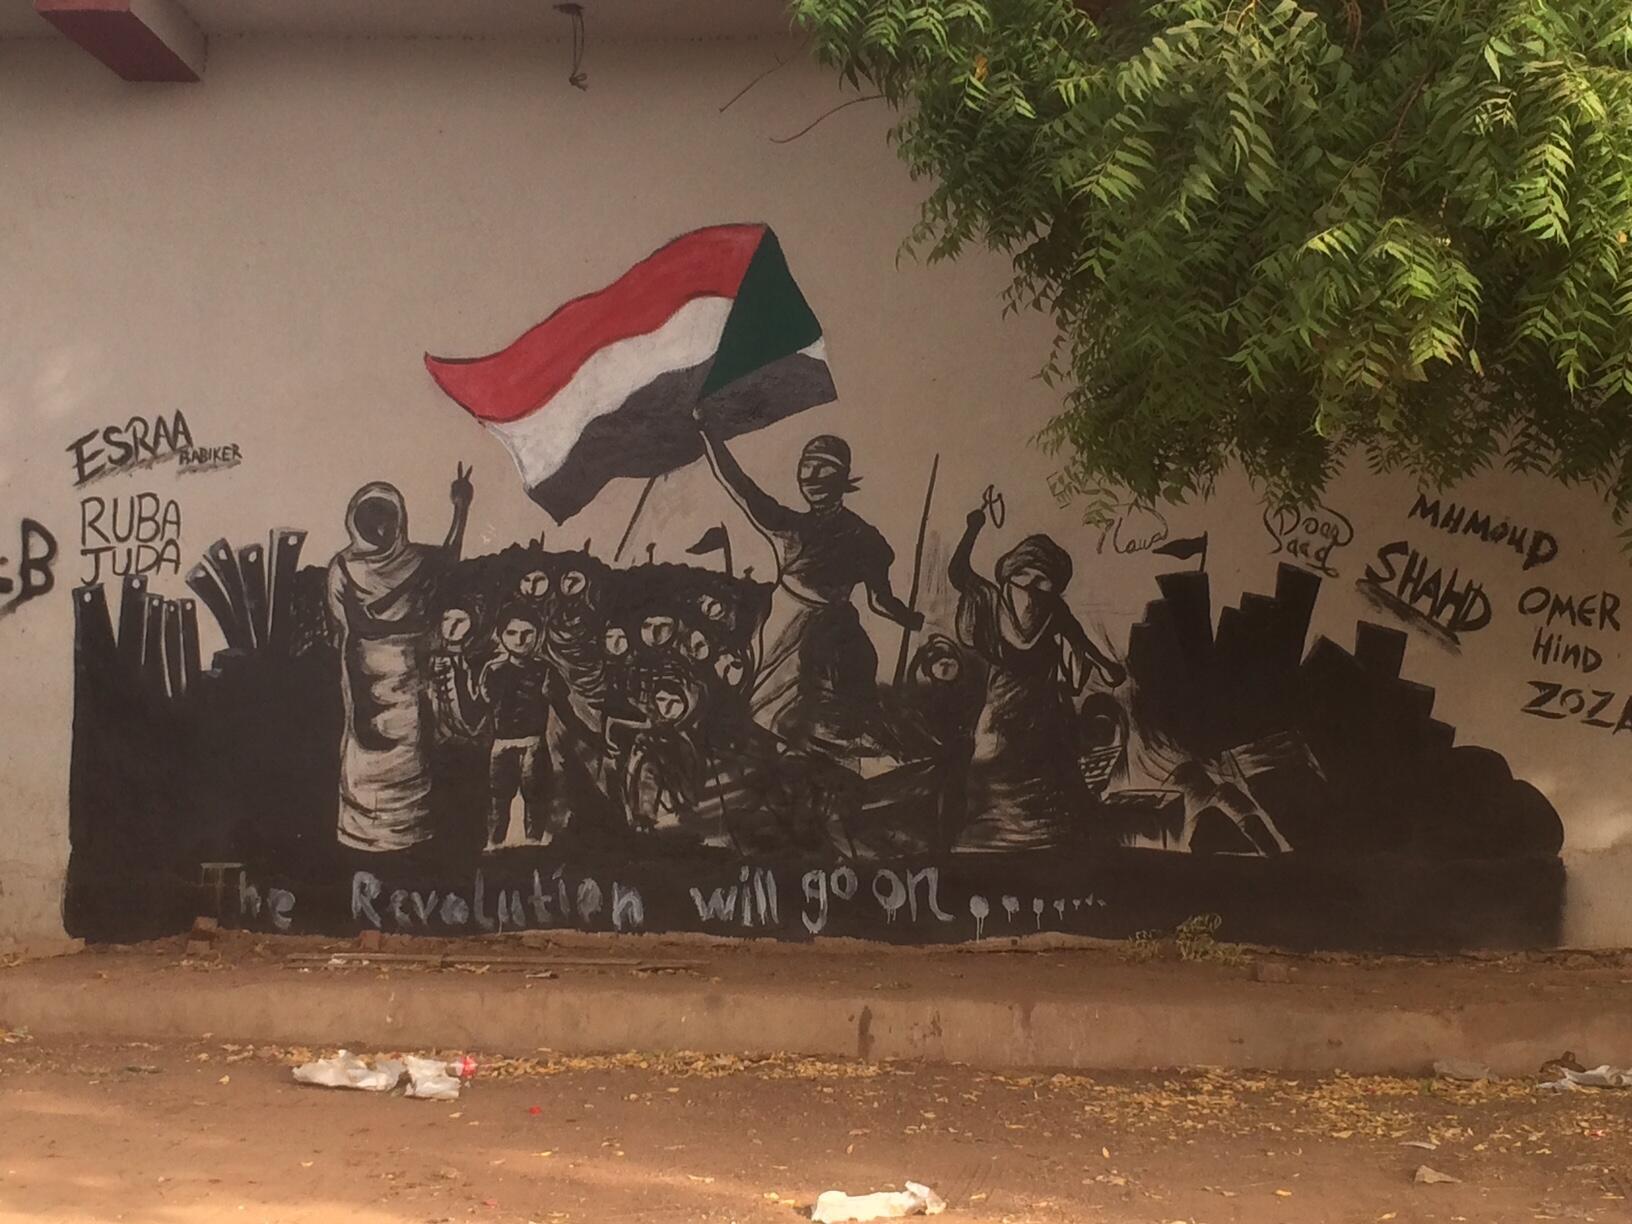 Graffiti vantant la révolution soudanaise dans les rues de Khartoum.